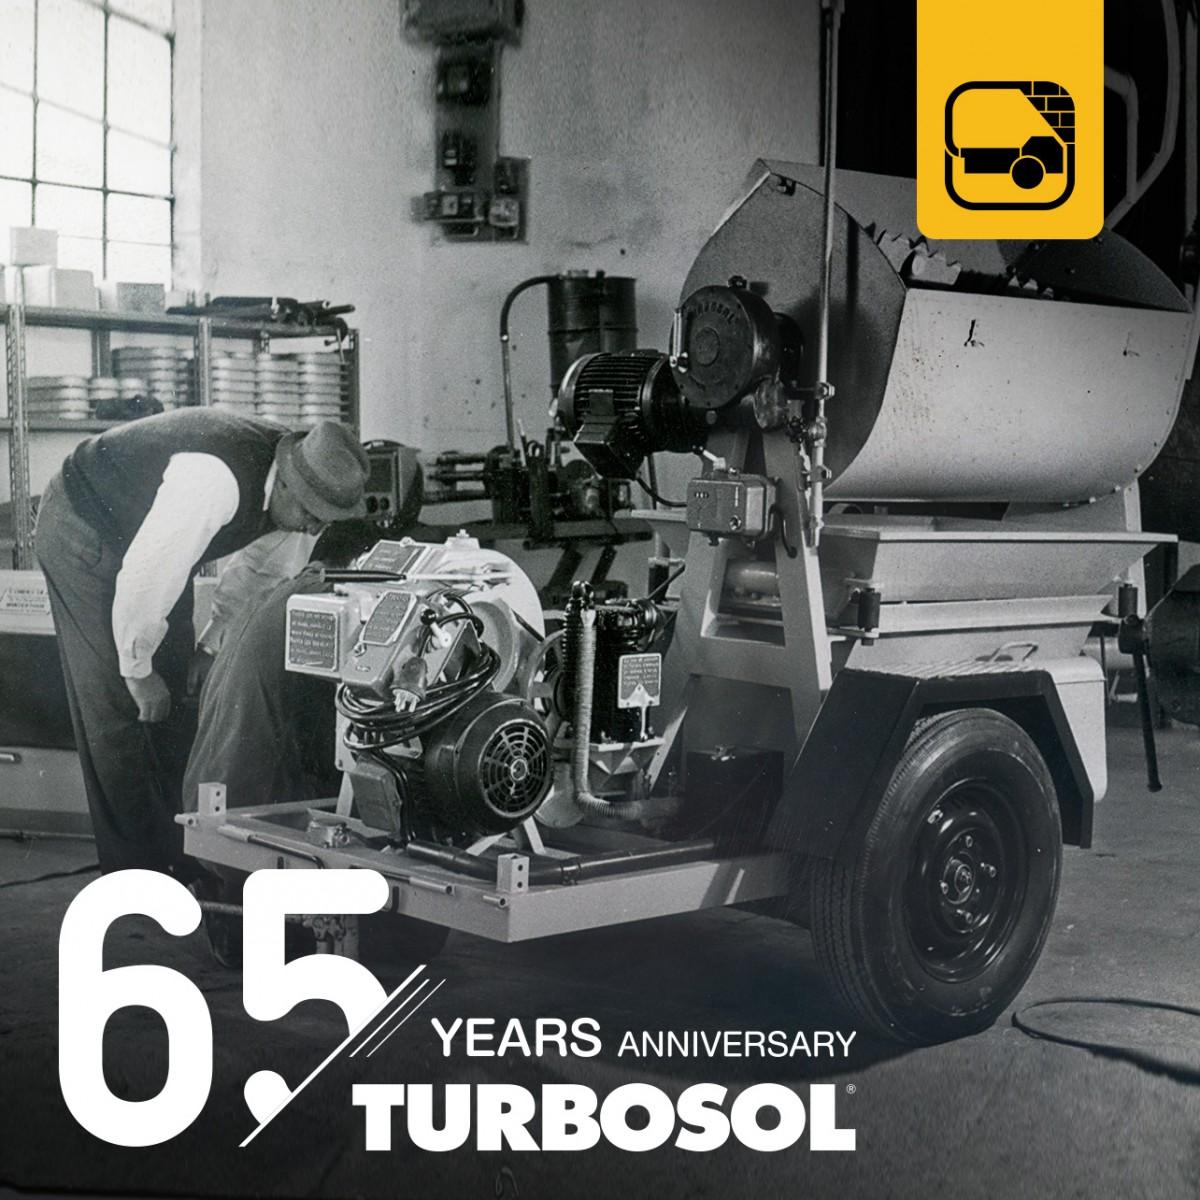 Turbosol: da 65 anni al servizio del cliente